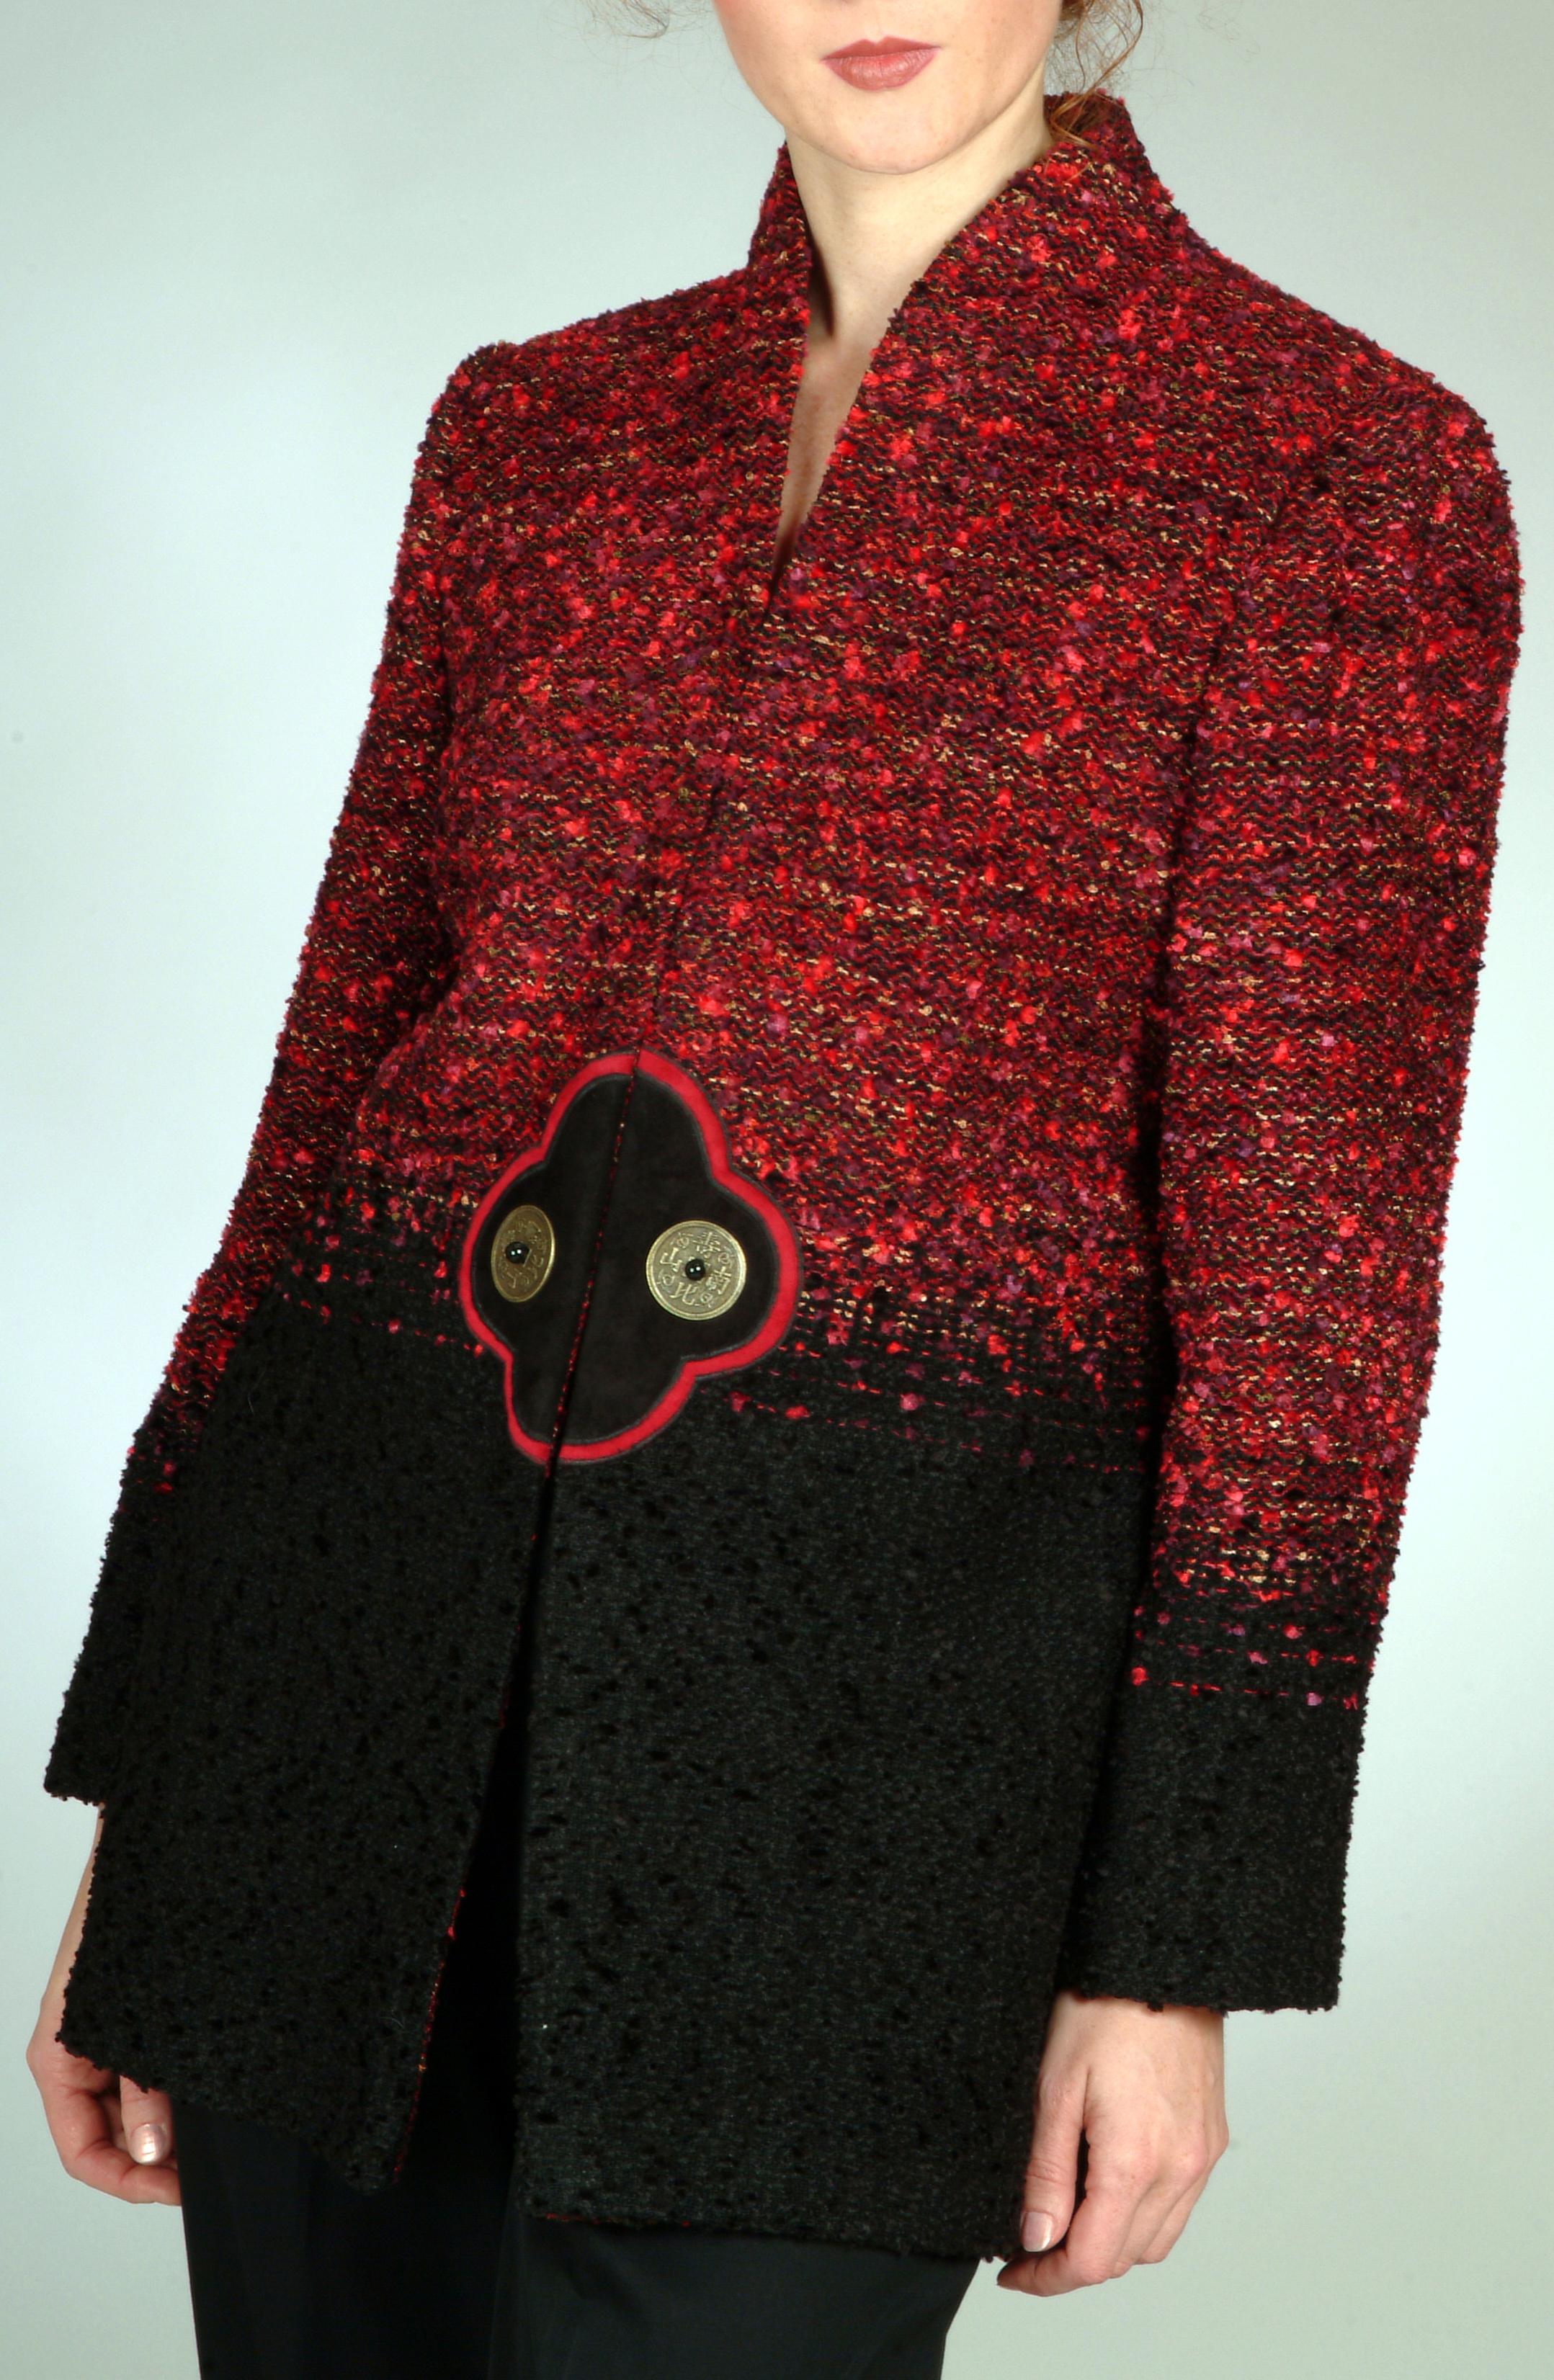 Handwoven Jacket, Business Apparel, Kathleen Weir-West 12.jpg